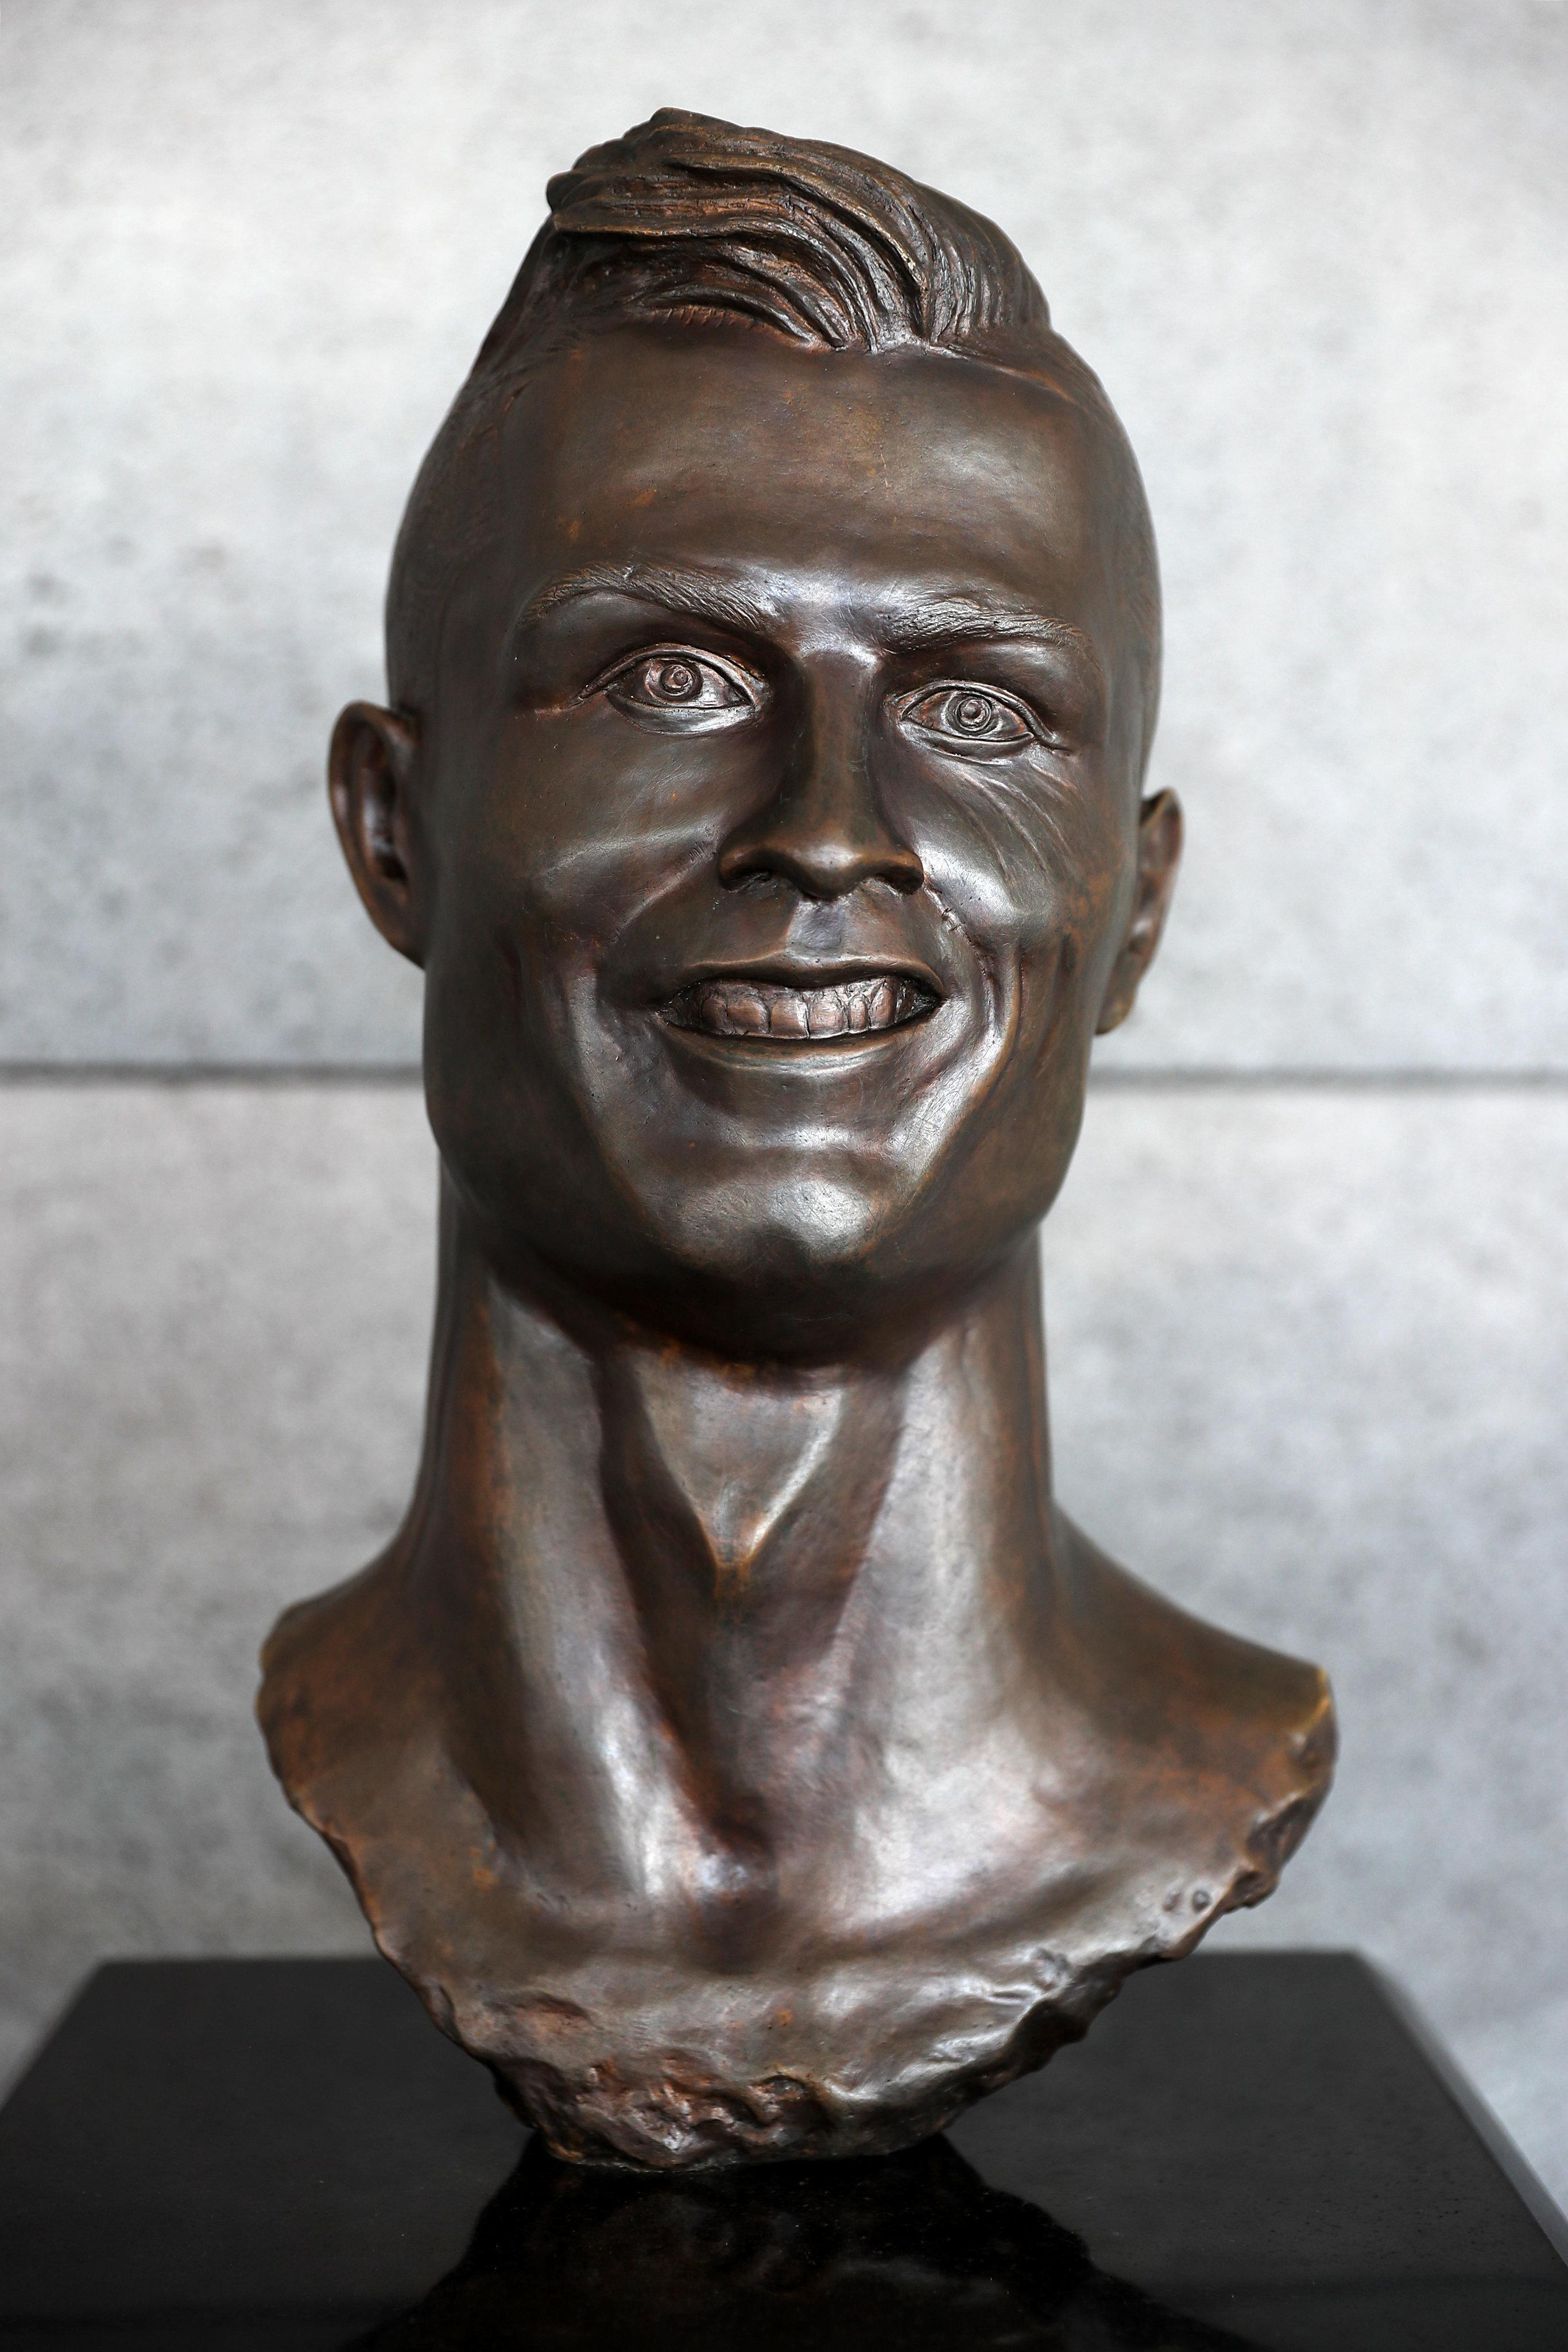 Δεύτερη ευκαιρία για τον γλύπτη της διάσημης προτομής του Ronaldo - έφτιαξε νέο (καλύτερο)